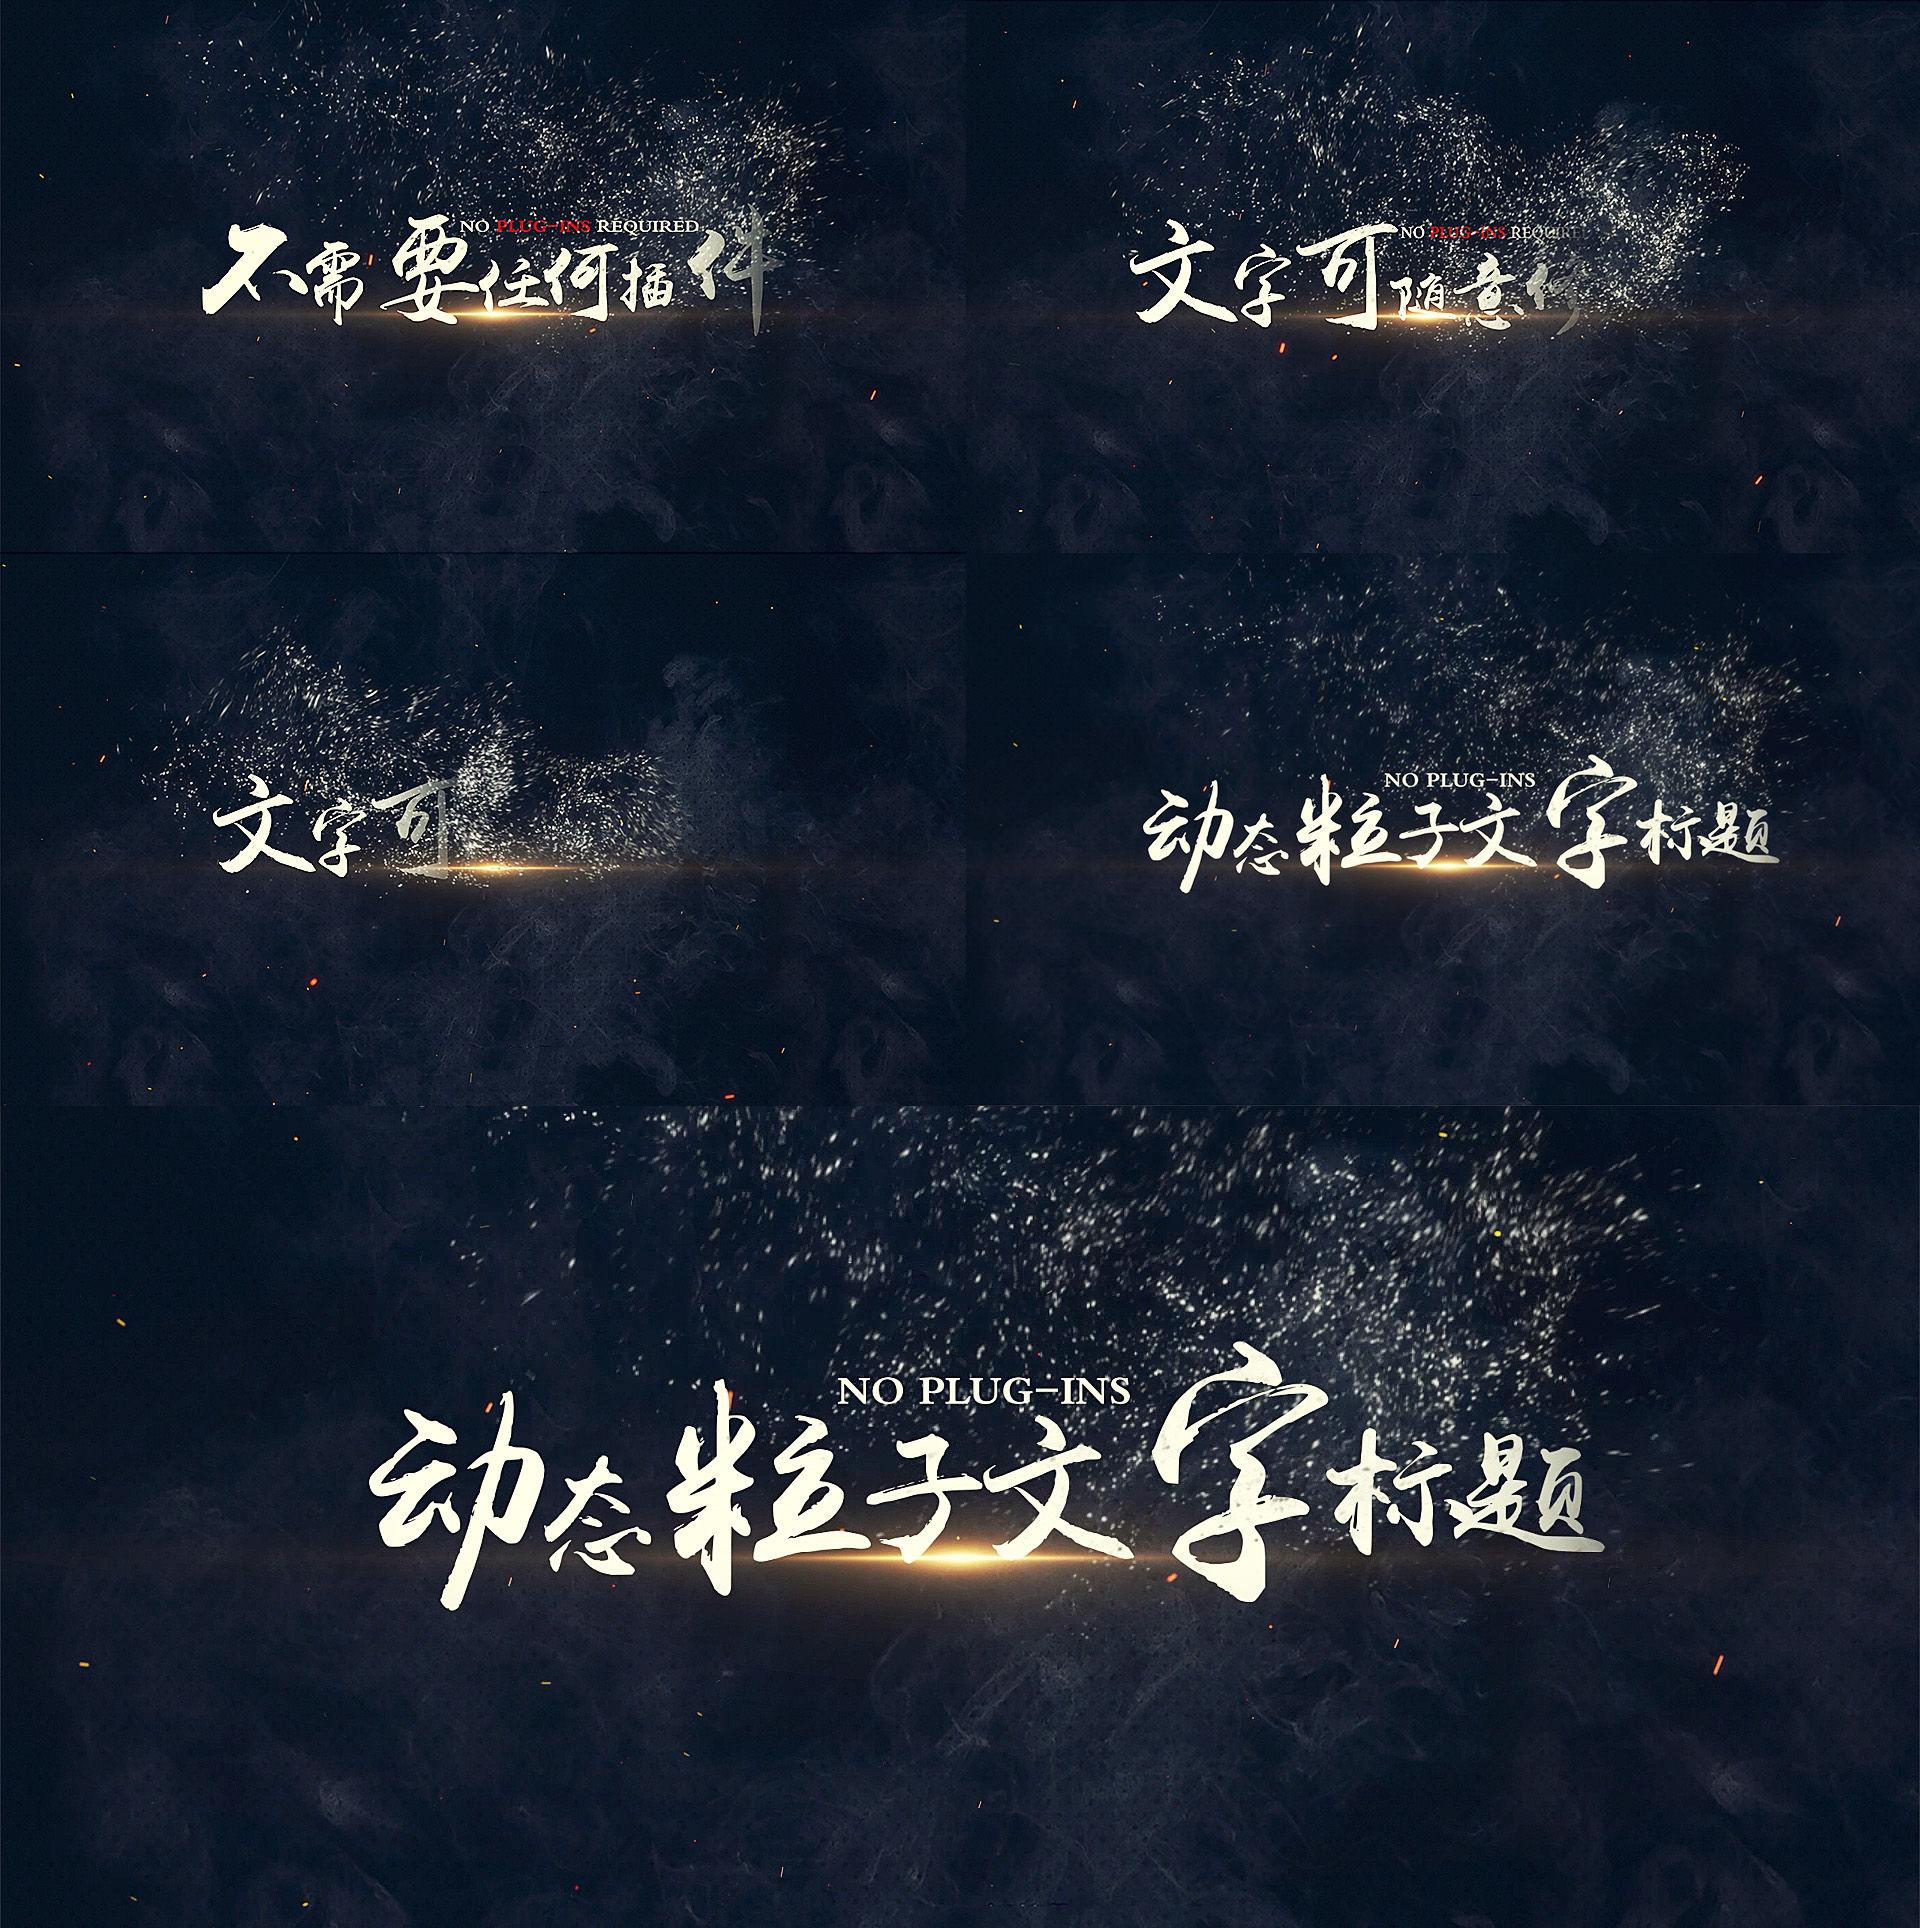 永利平台官网水墨粒子文字动画